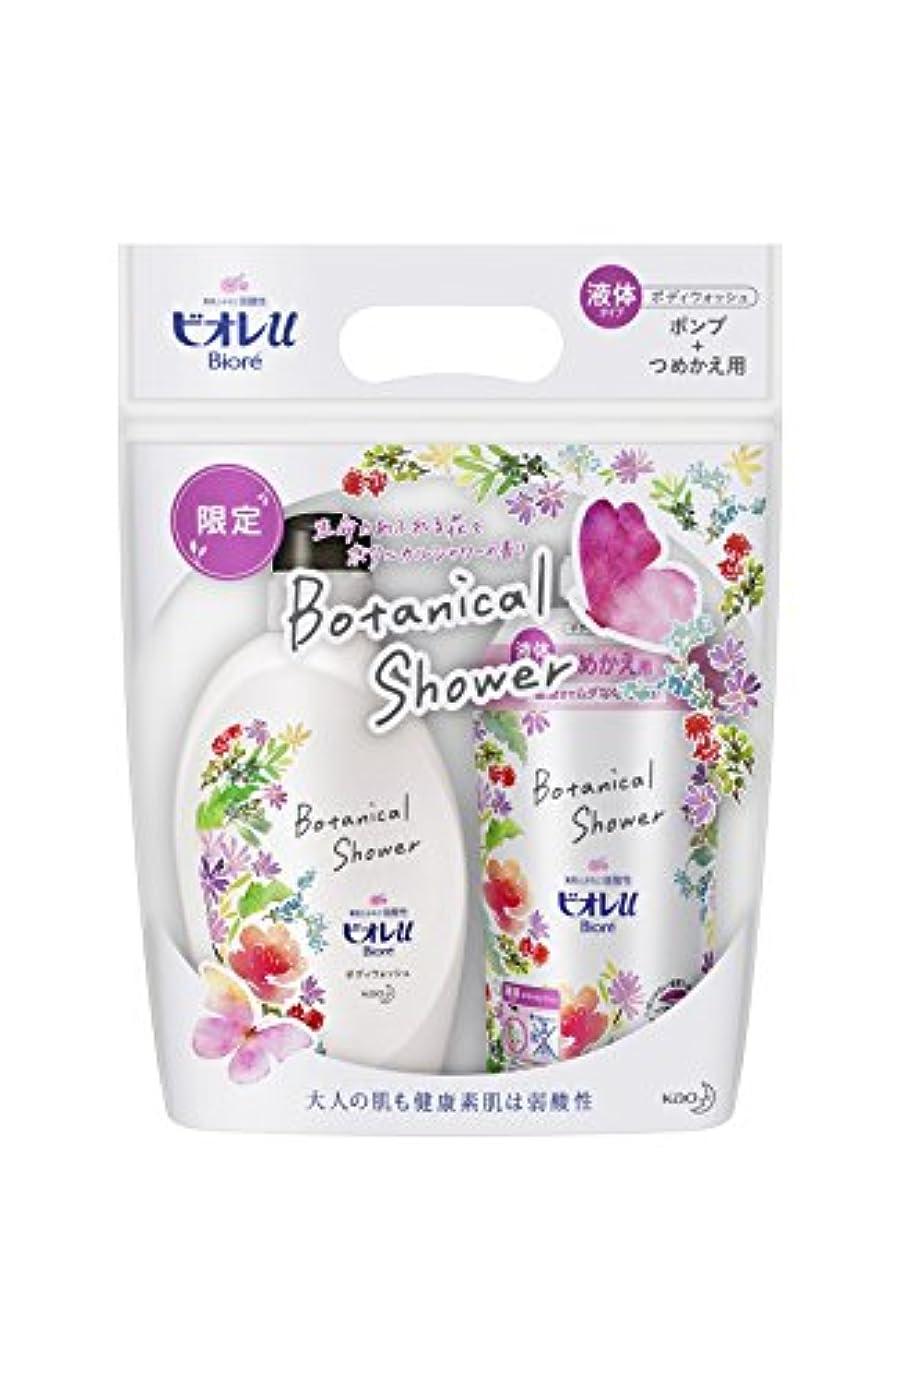 魂正統派対処するビオレu ボディウォッシュ ボタニカルシャワーの香り ポンプ+つめかえ用 (480ml+340ml)